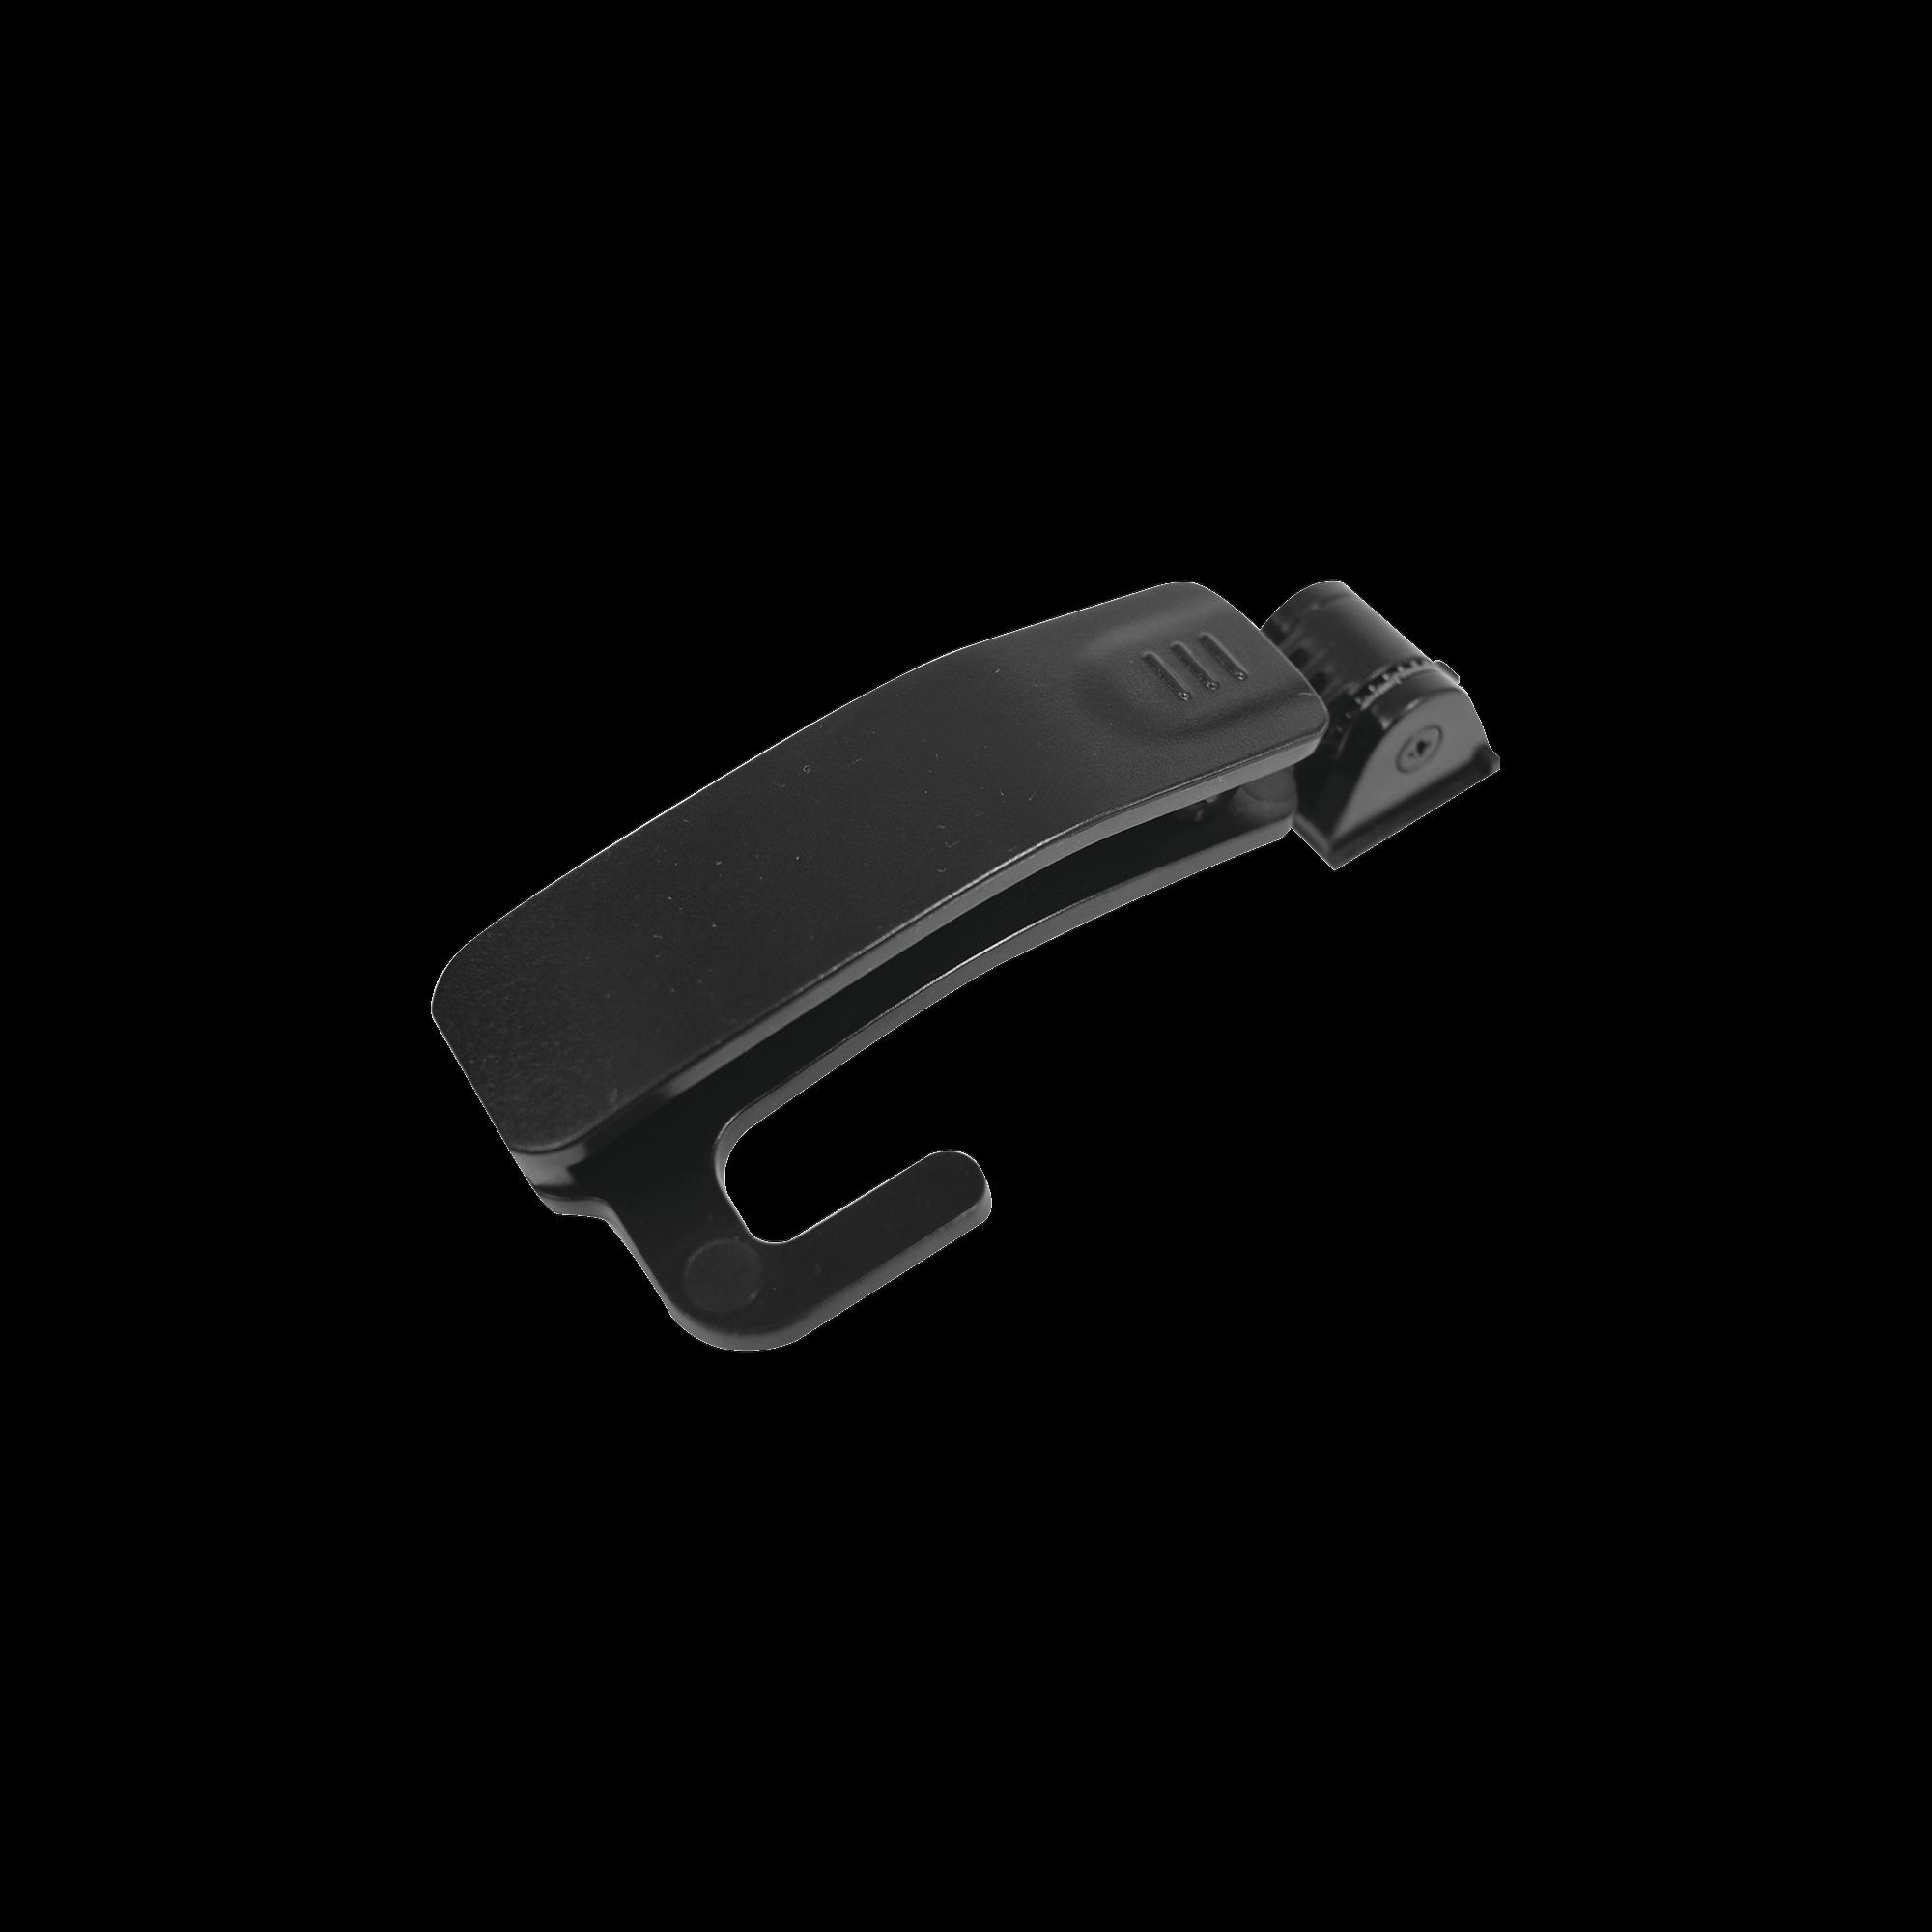 Clip curvo compatible para camara XMRX5 y XMRX2